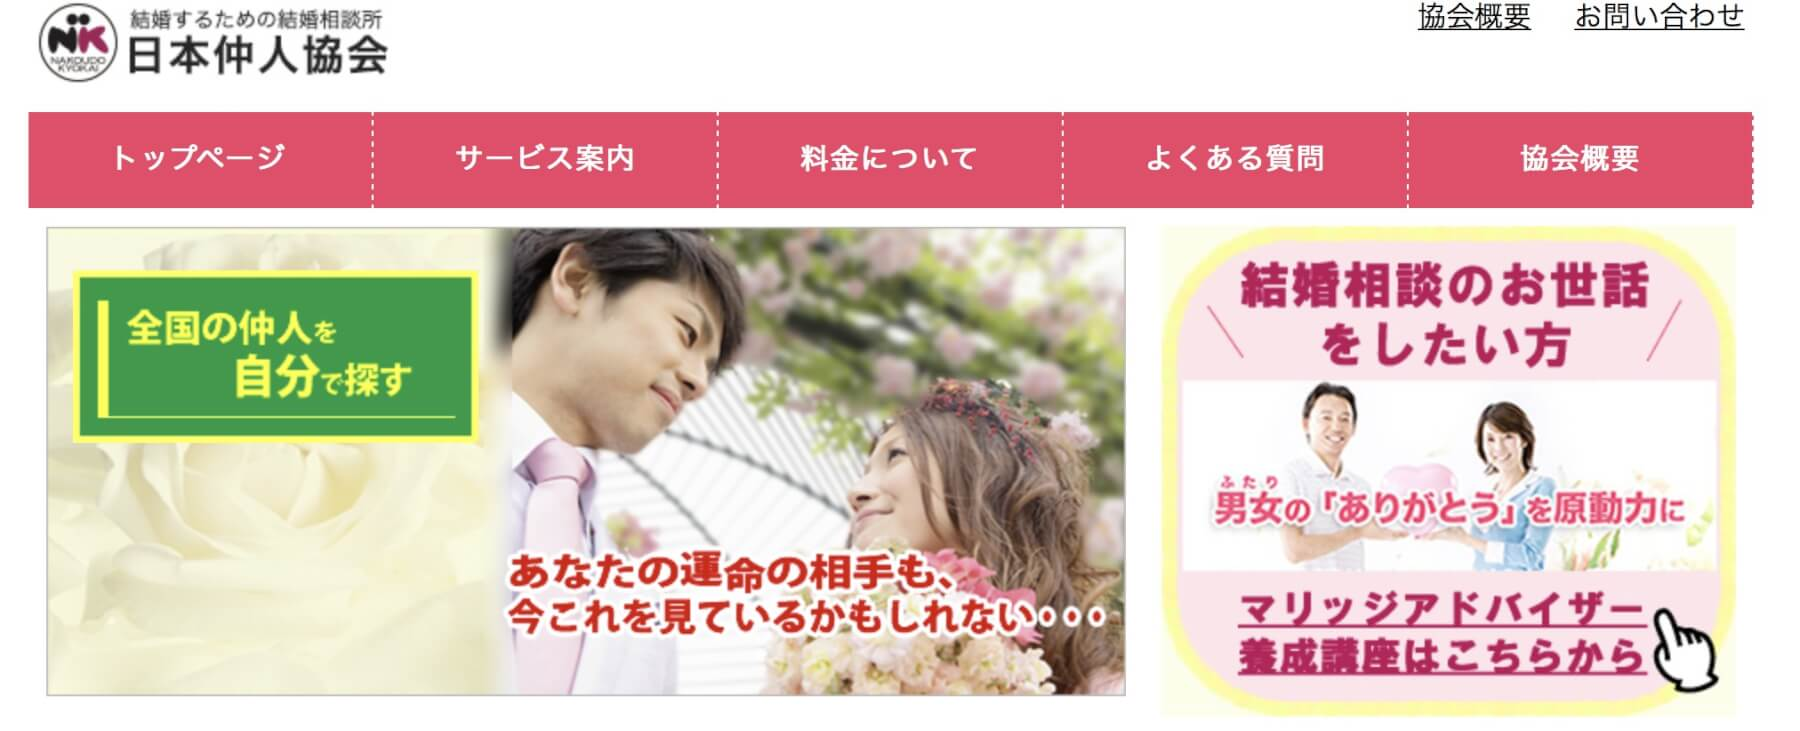 福島でおすすめの結婚相談所:仲人協会